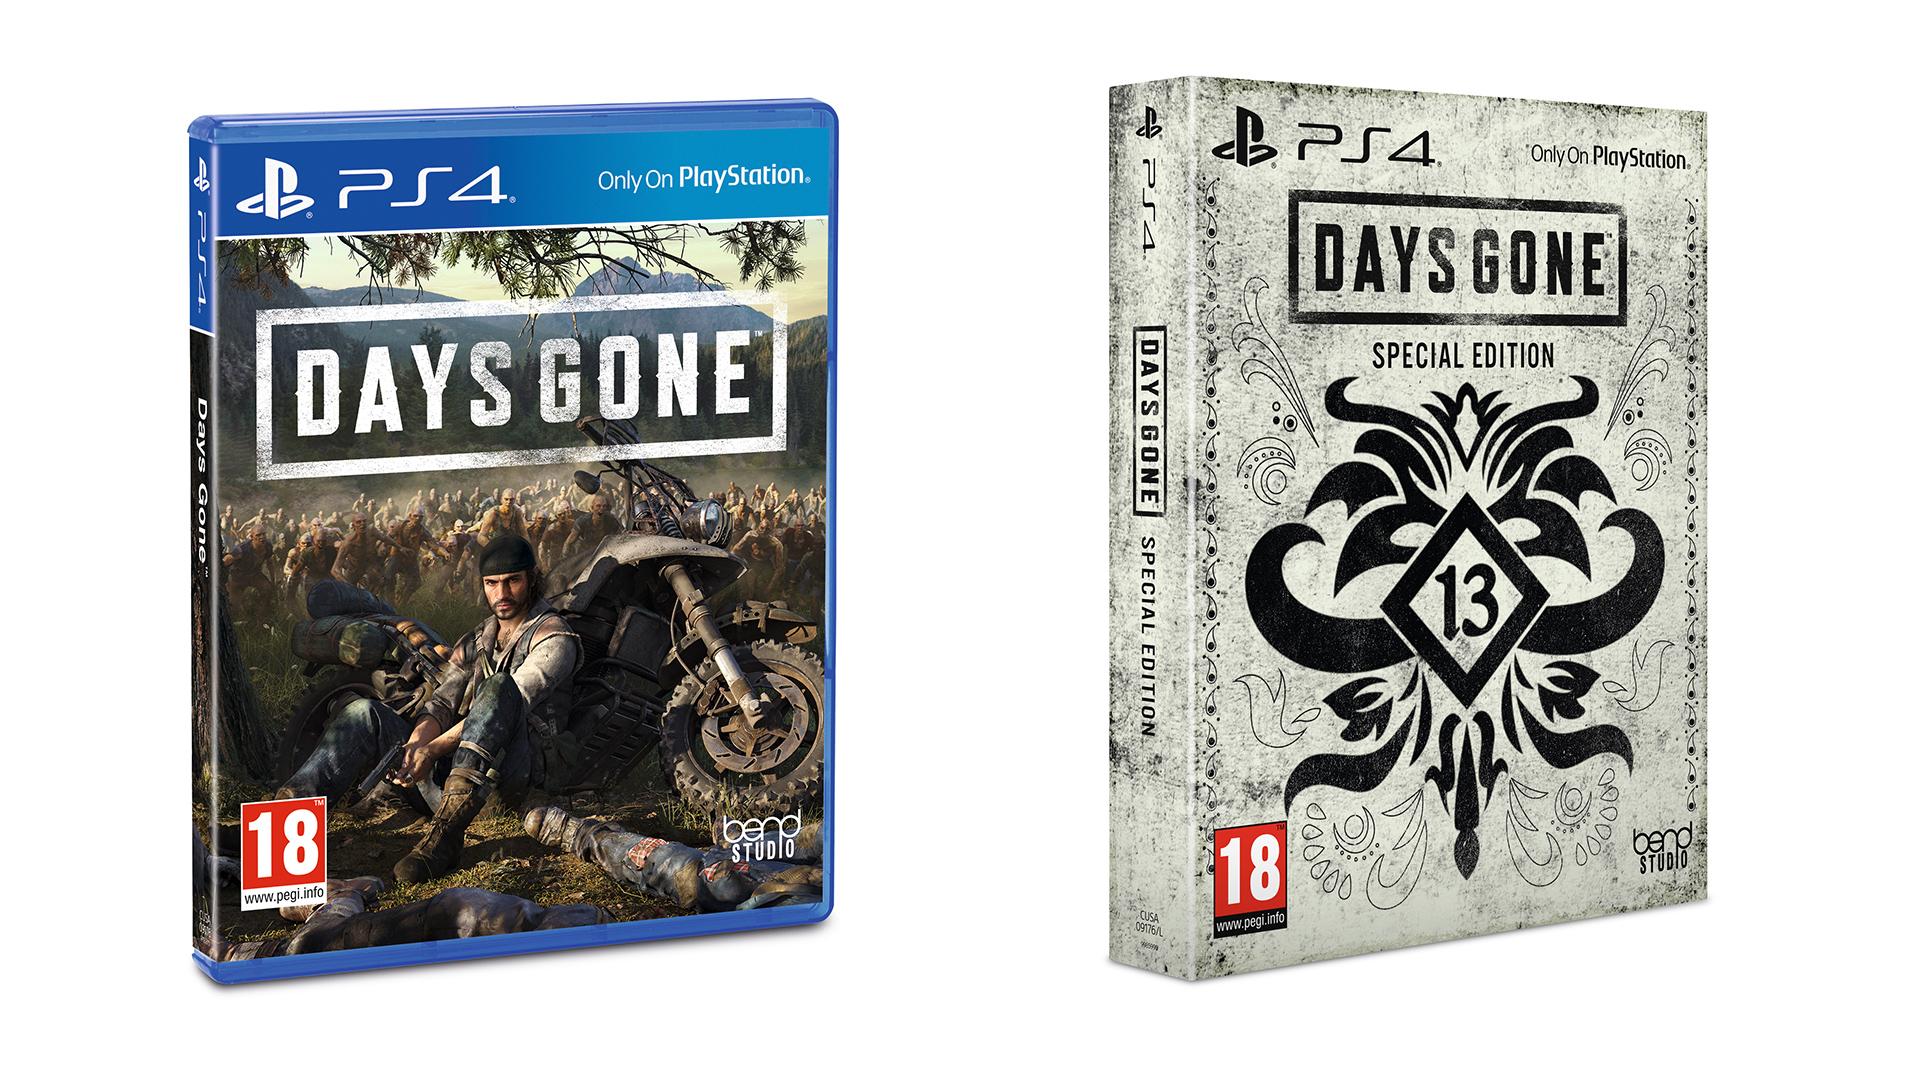 inlay_packshot_Days_Gone_Sony